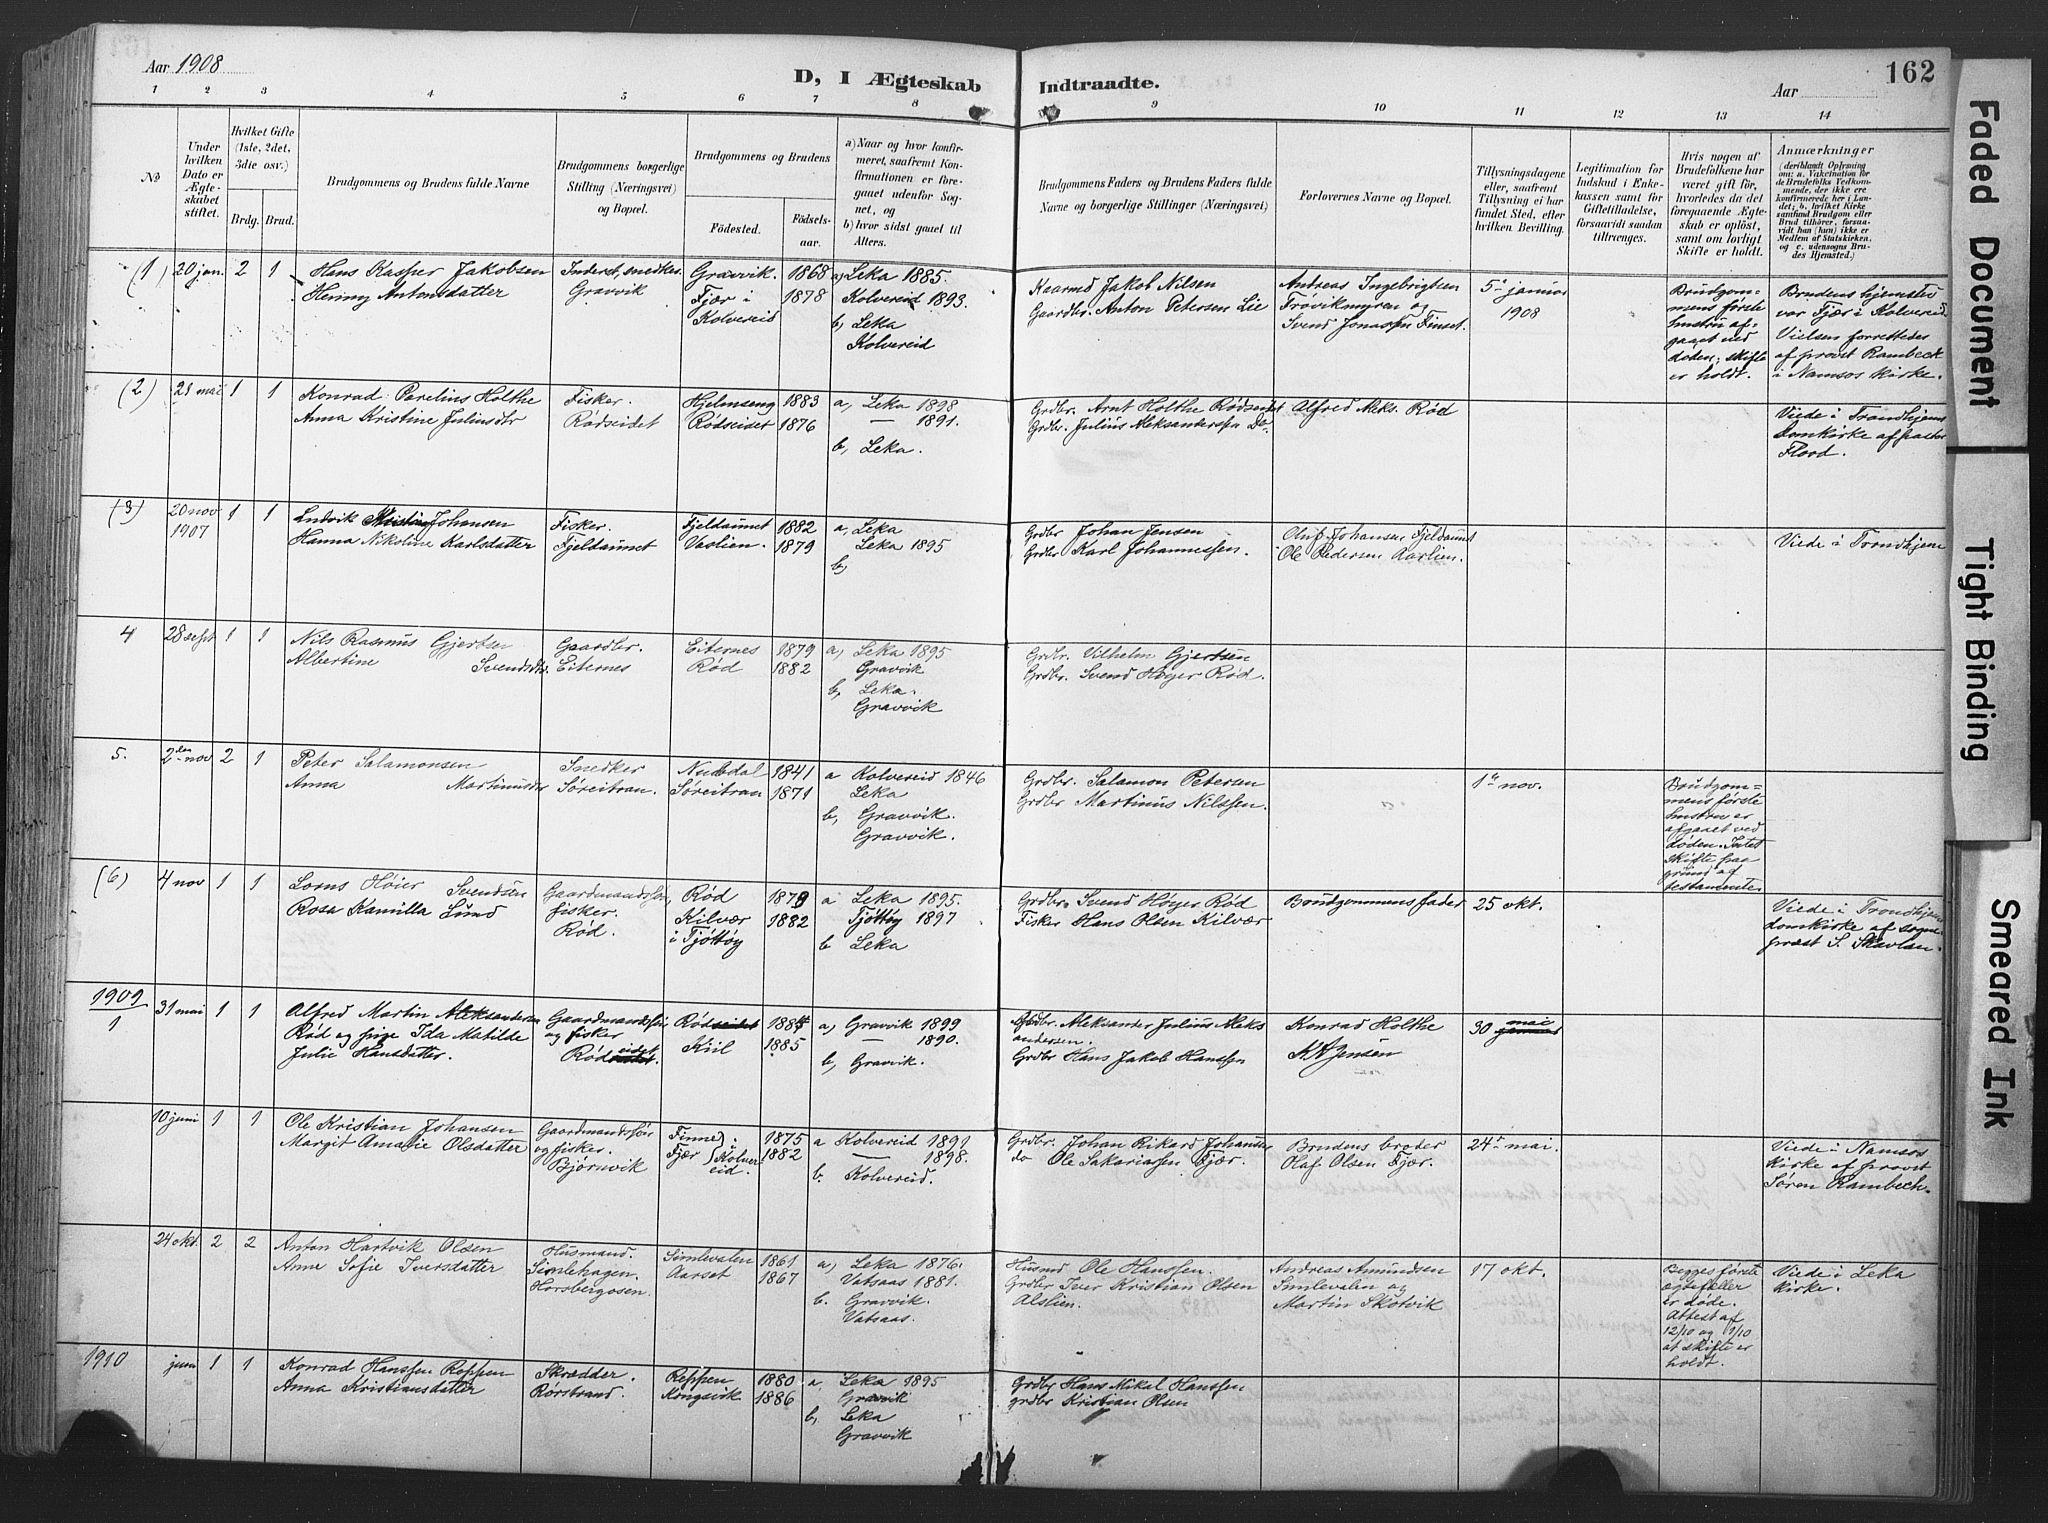 SAT, Ministerialprotokoller, klokkerbøker og fødselsregistre - Nord-Trøndelag, 789/L0706: Klokkerbok nr. 789C01, 1888-1931, s. 162